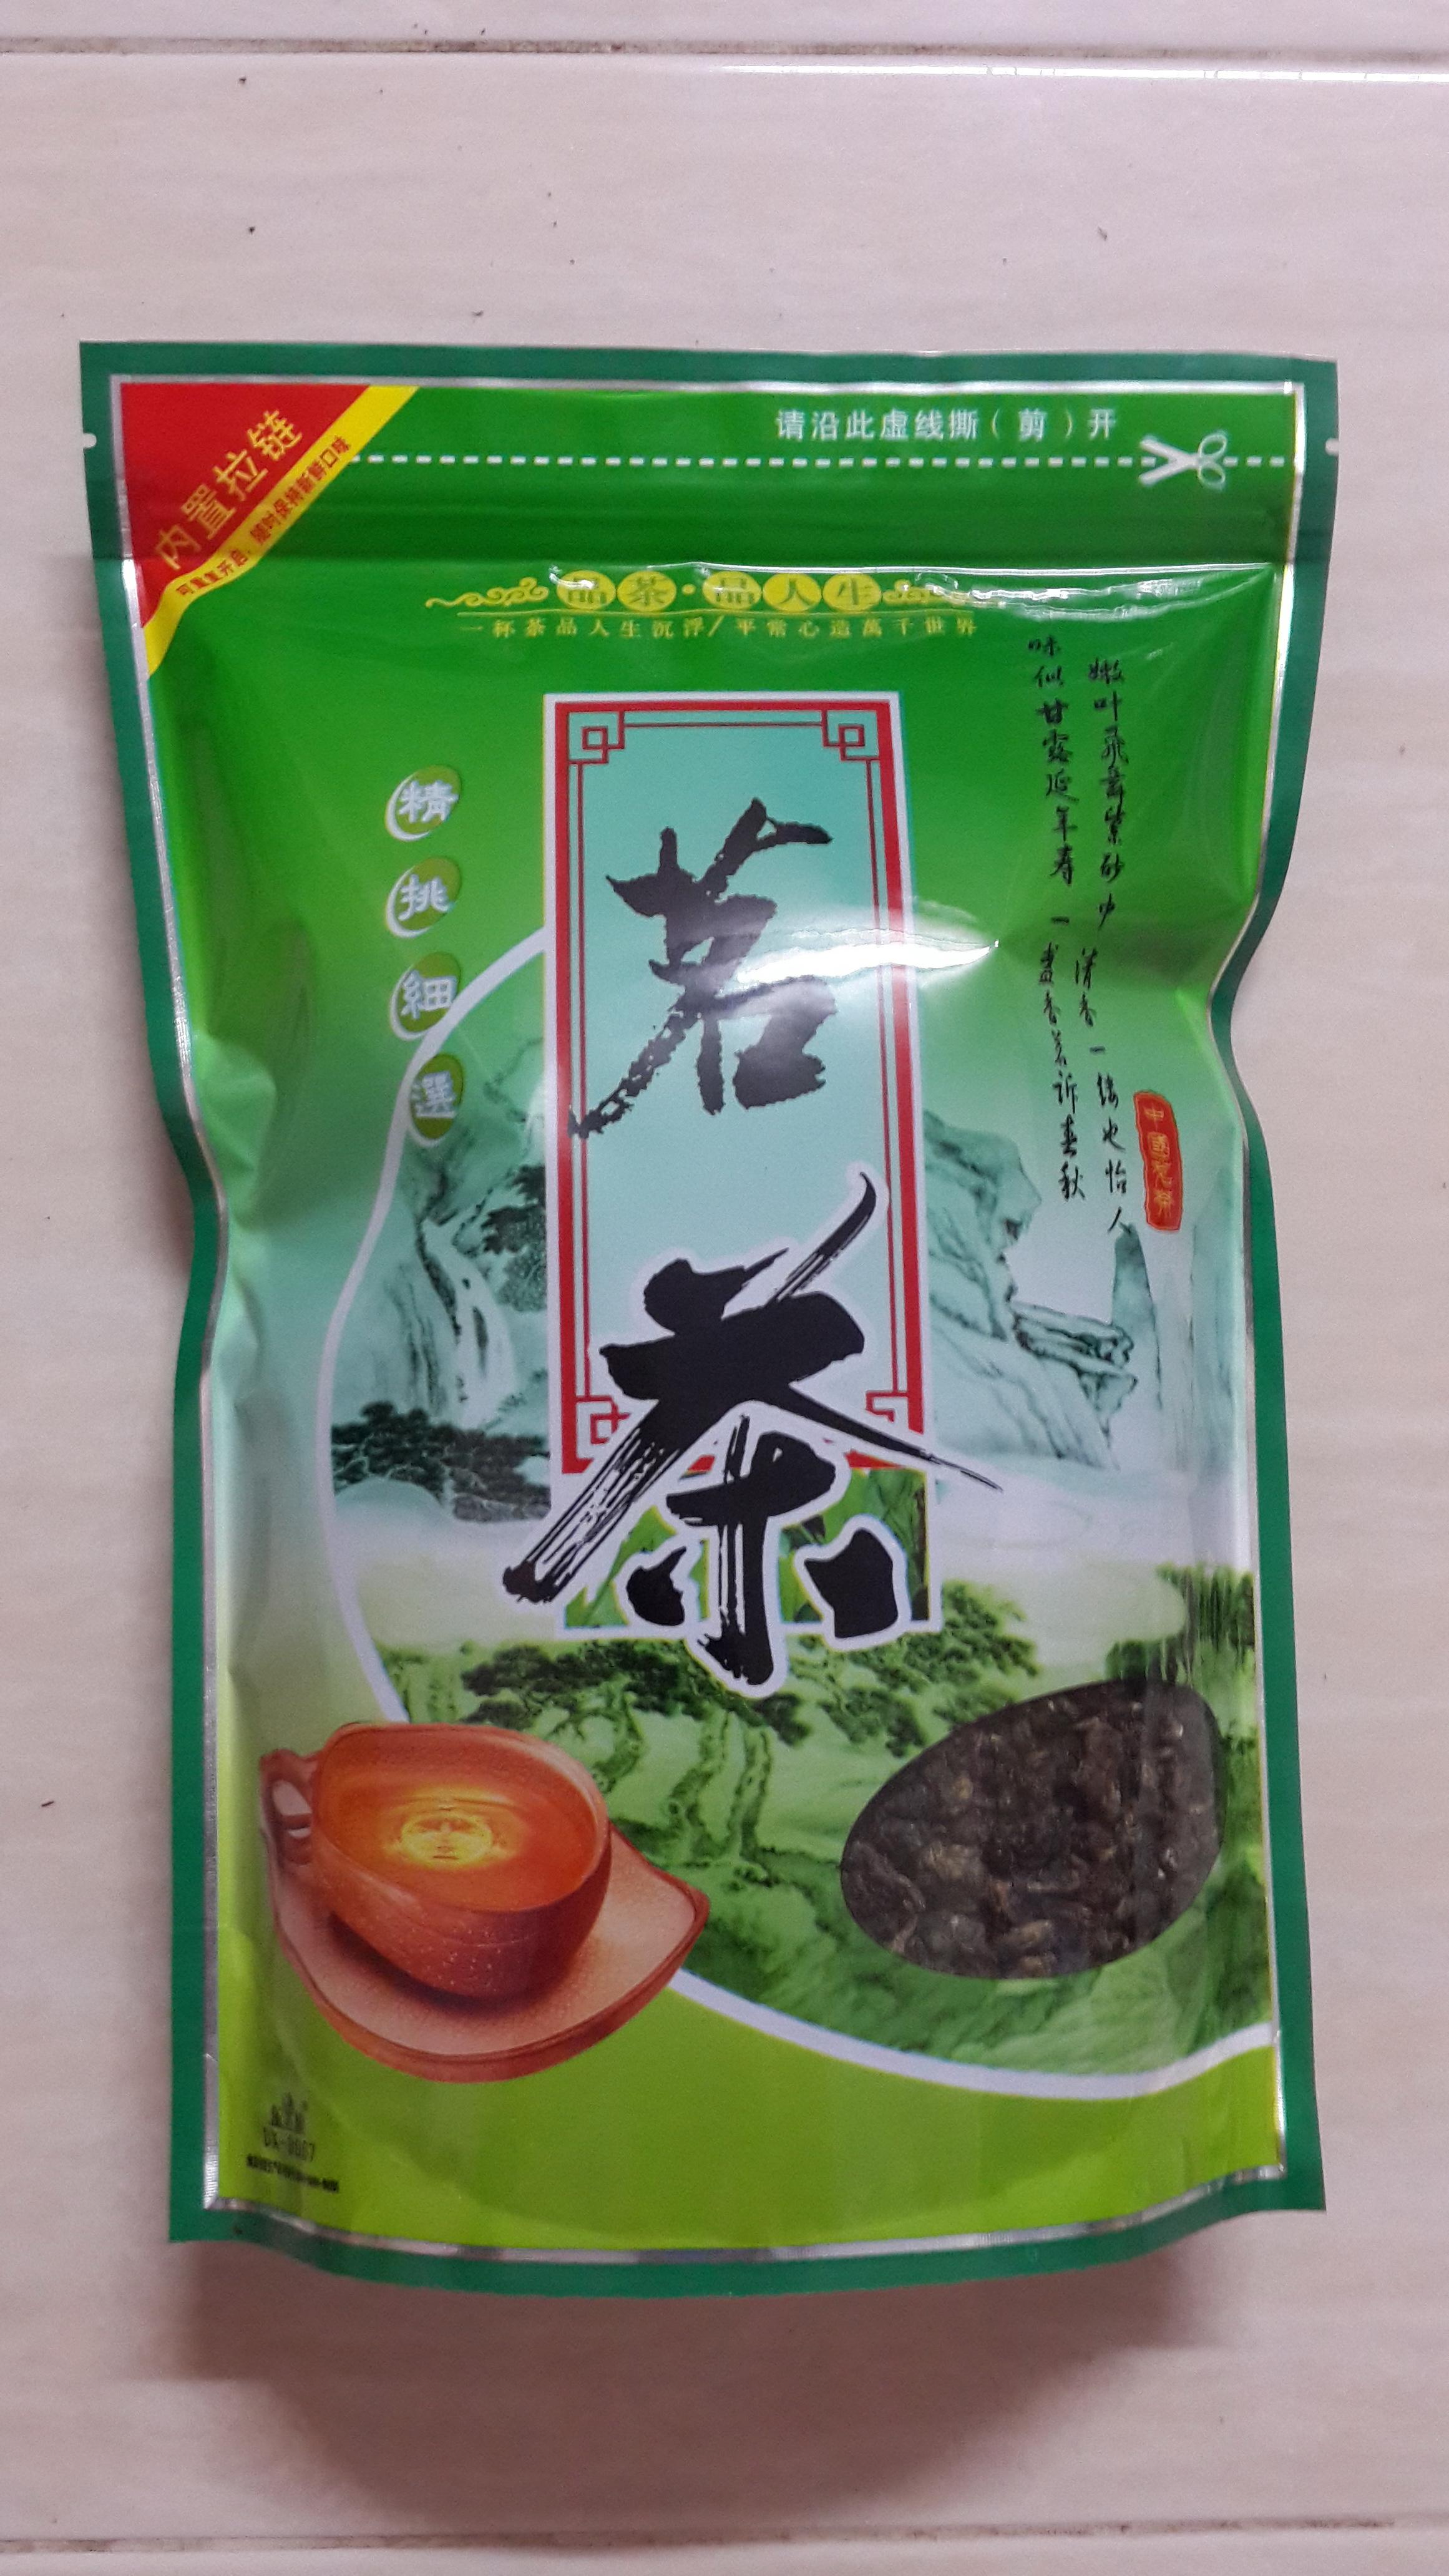 ชาอู่หลงไต้หวัน เกรด A ชนิดอย่างดีที่สุด น้ำหนัก 500 กรัม